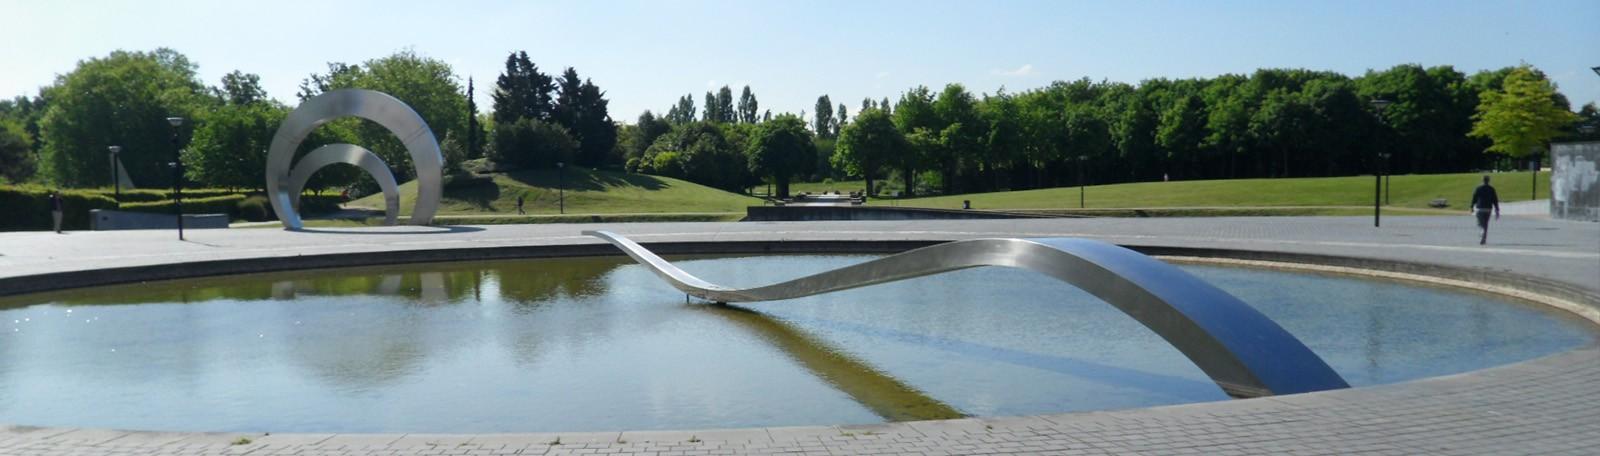 Car park Loggias du Marché - Park in Montigny-le-Bretonneux | Q-Park